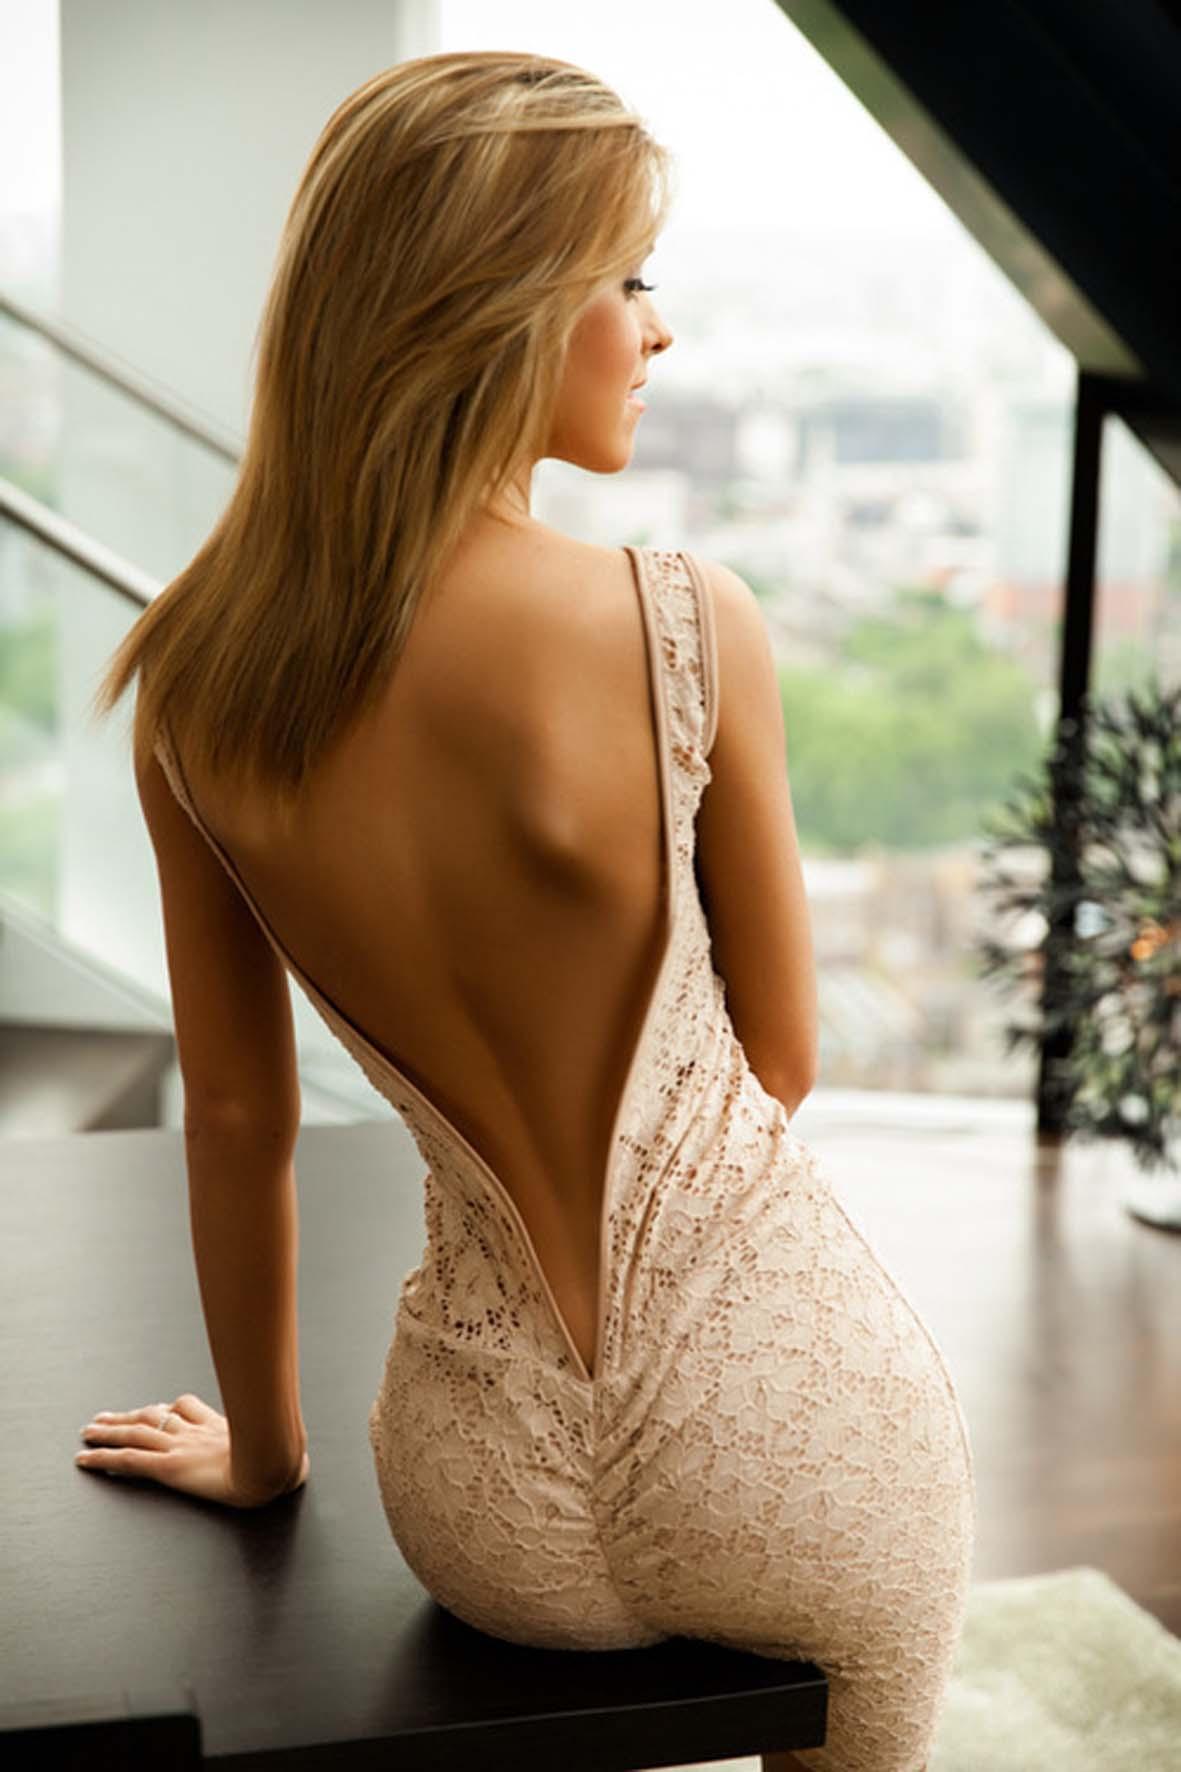 Фото обнаженной спины девушки фото 9-603